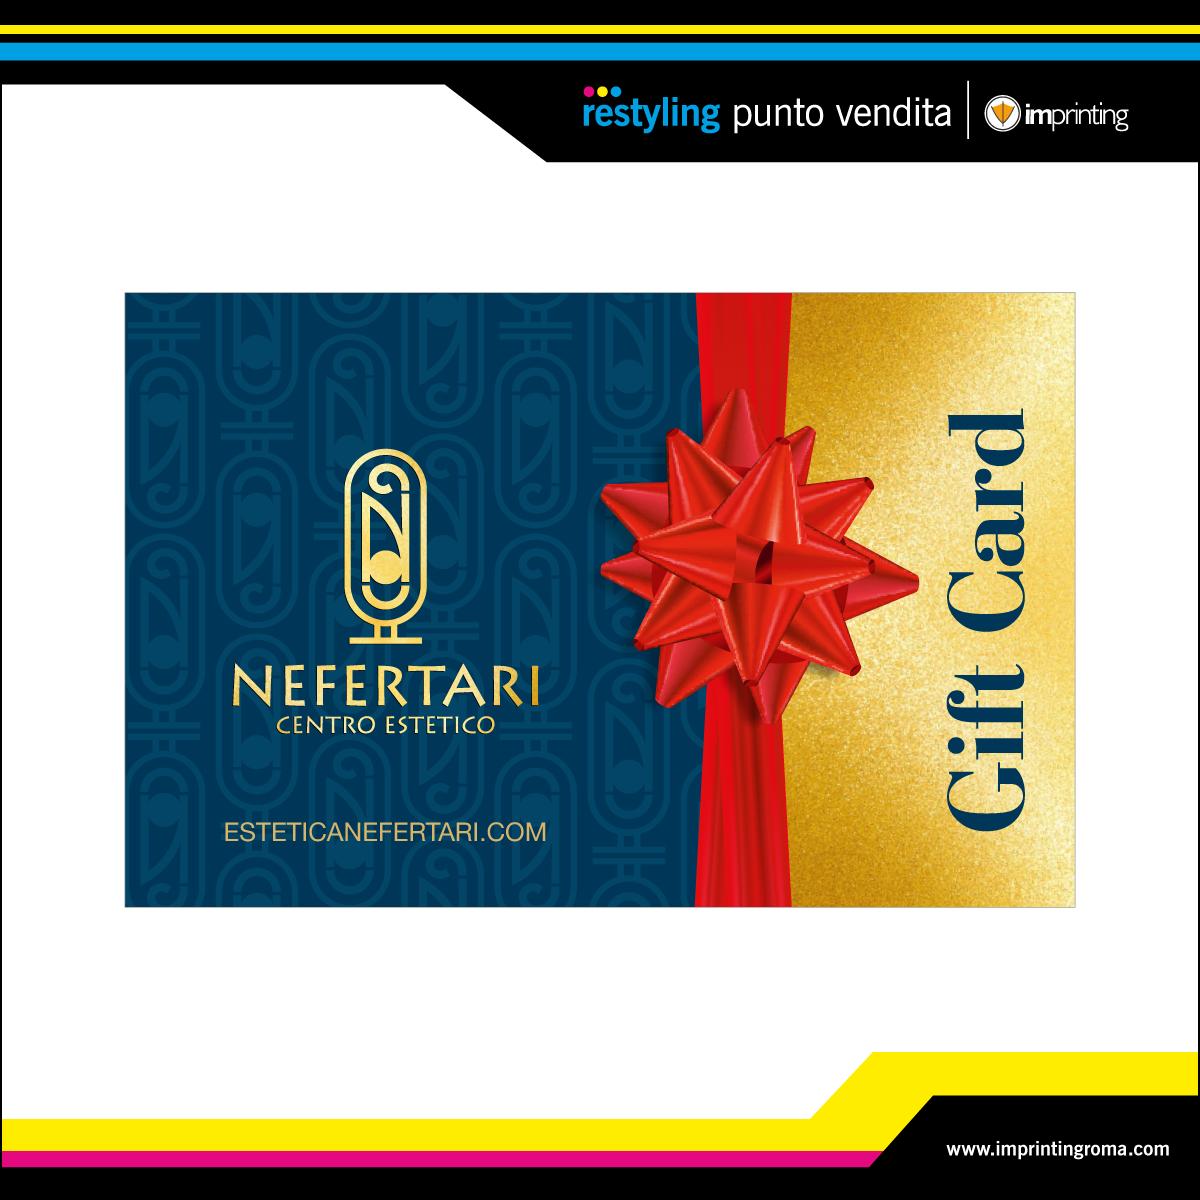 Gift Card - Nefertari Centro Estetico